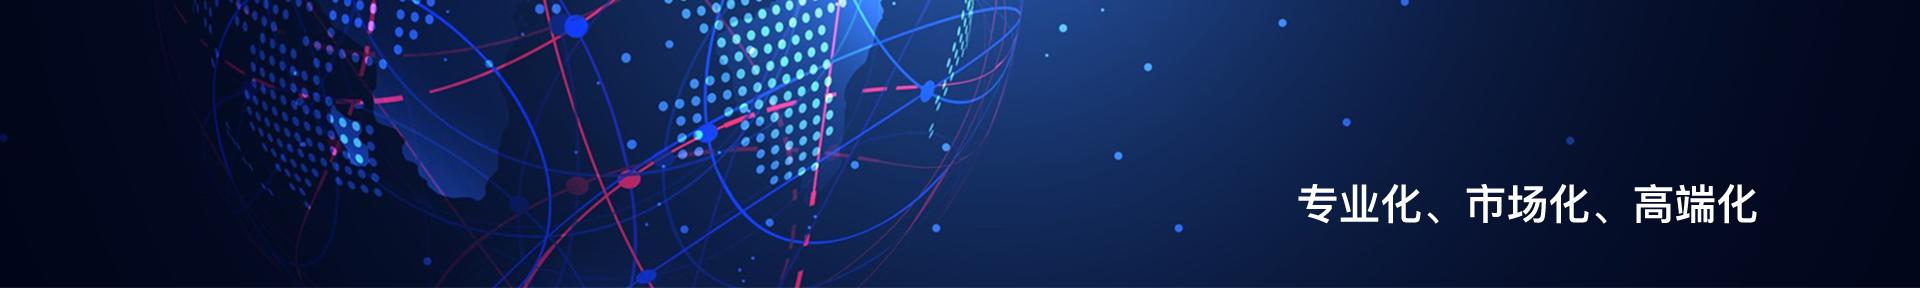 吉林省环南湖科技创新政策先导区技术转移中心